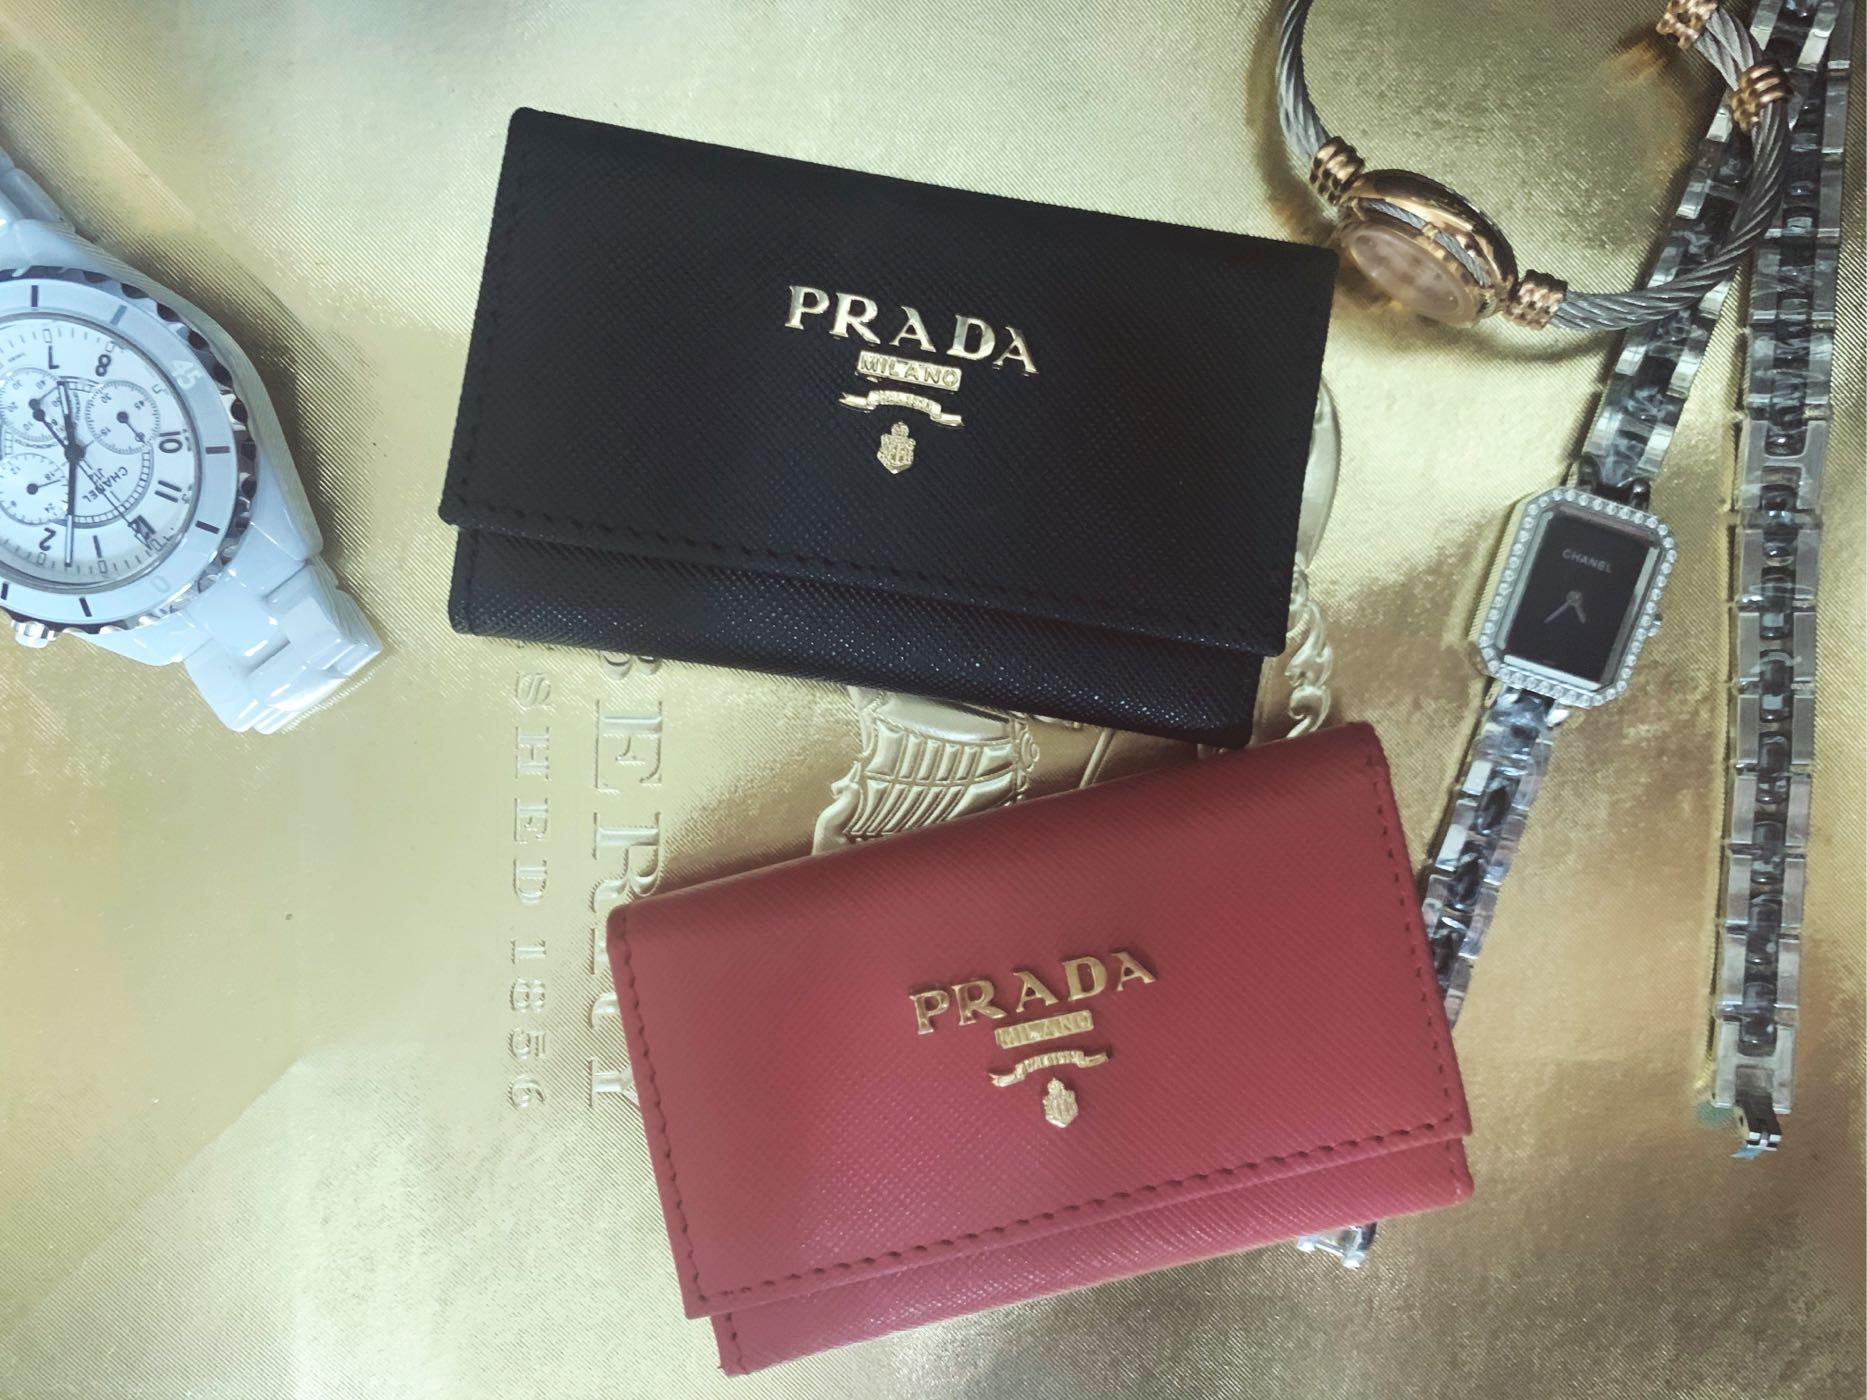 七夕情人節 Prada 鑰匙包 中性款 超適合送人的 經典防刮紋又耐用 耐看經典的款式 送禮自用兩相宜♥️👍